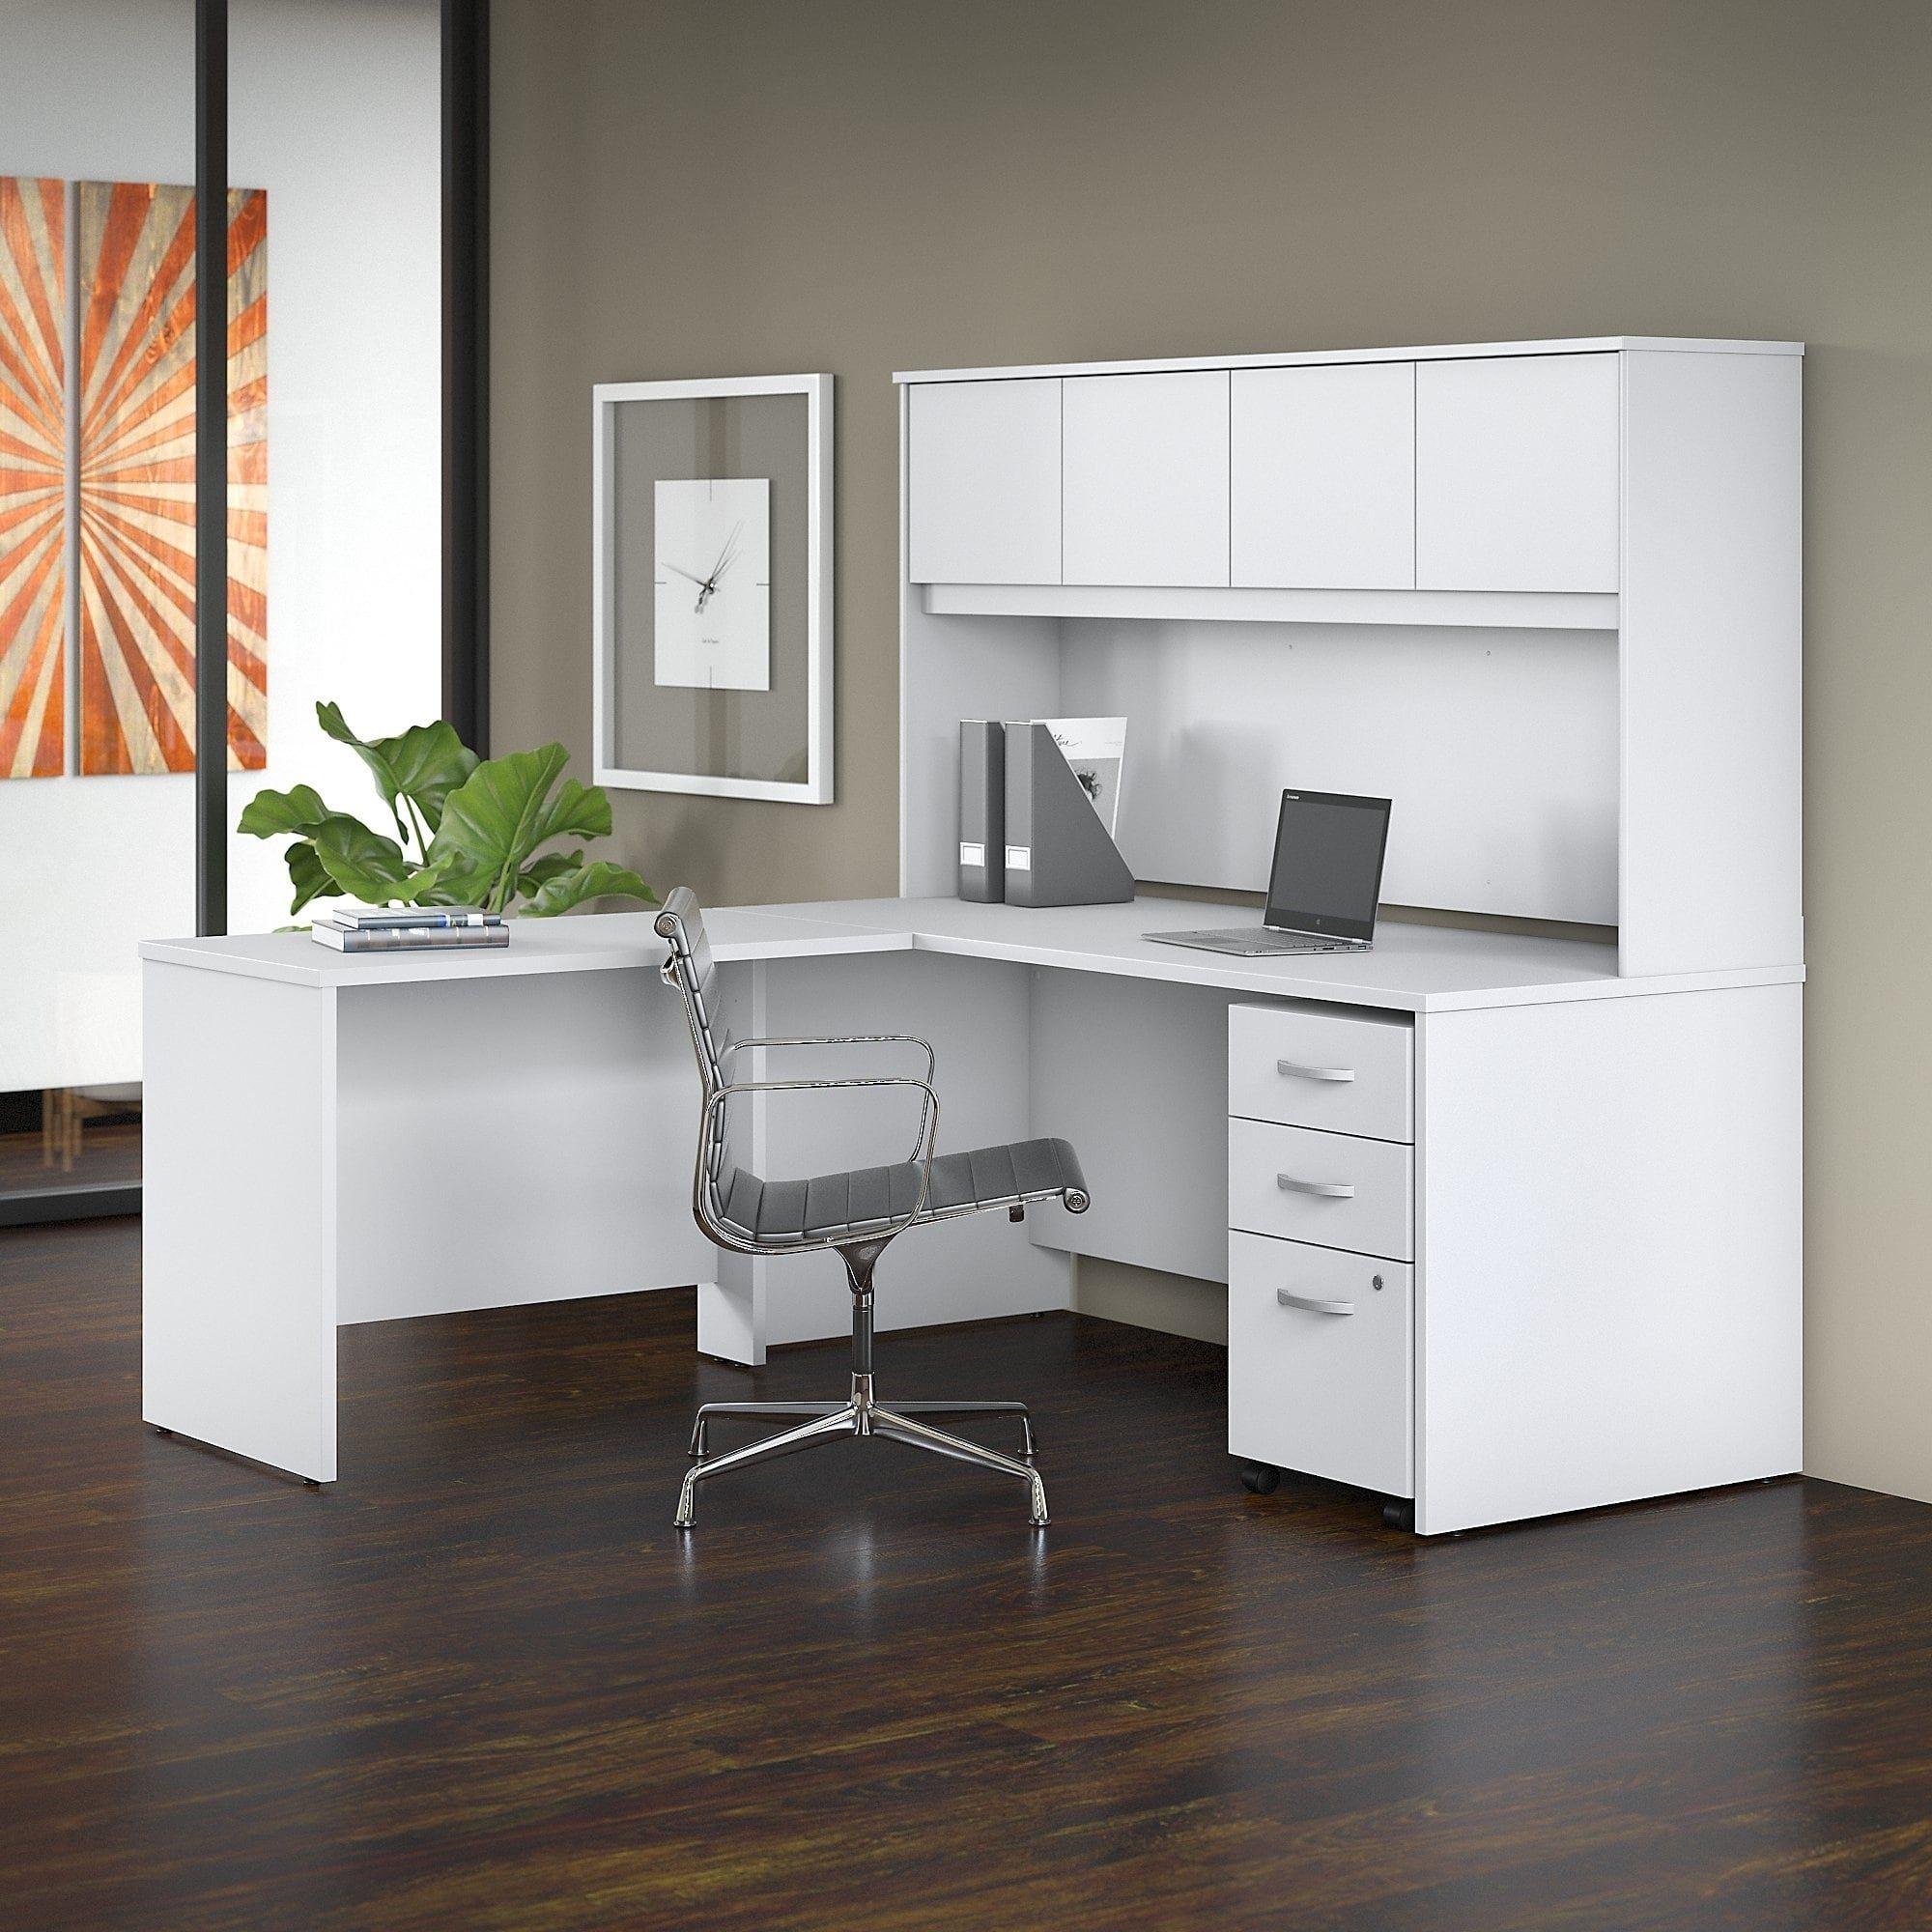 Bush Studio C 72w X 30d L Shaped Desk 4 Piece Office Suite In